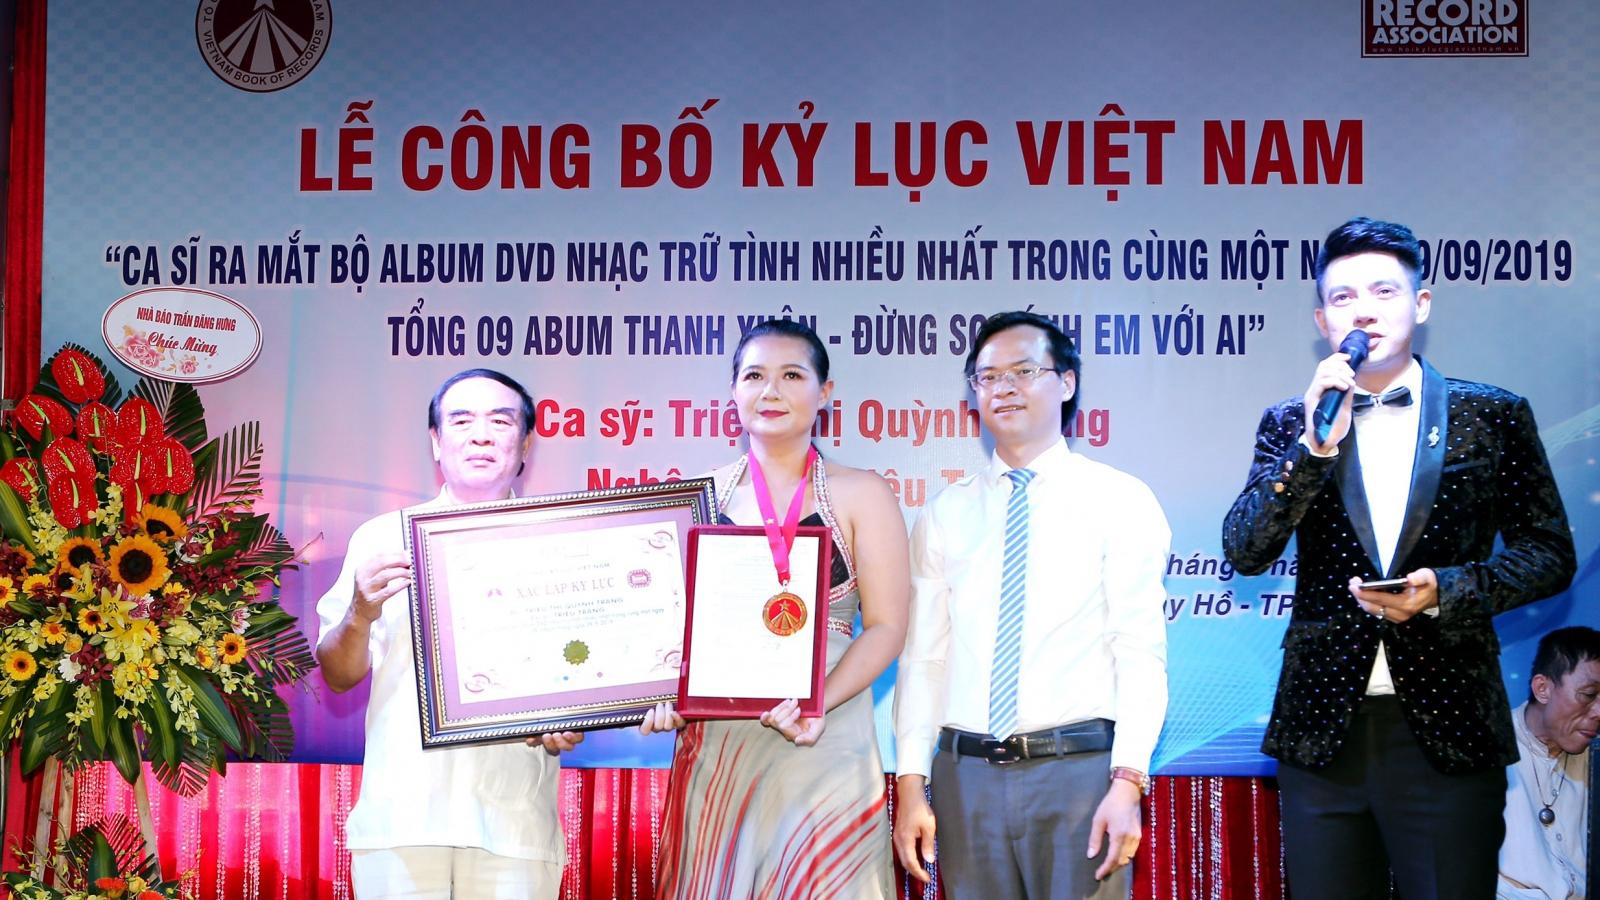 Ca sĩ Triệu Trang nhận kỷ lục Guinness Việt Nam vì ra 9 album cùng lúc